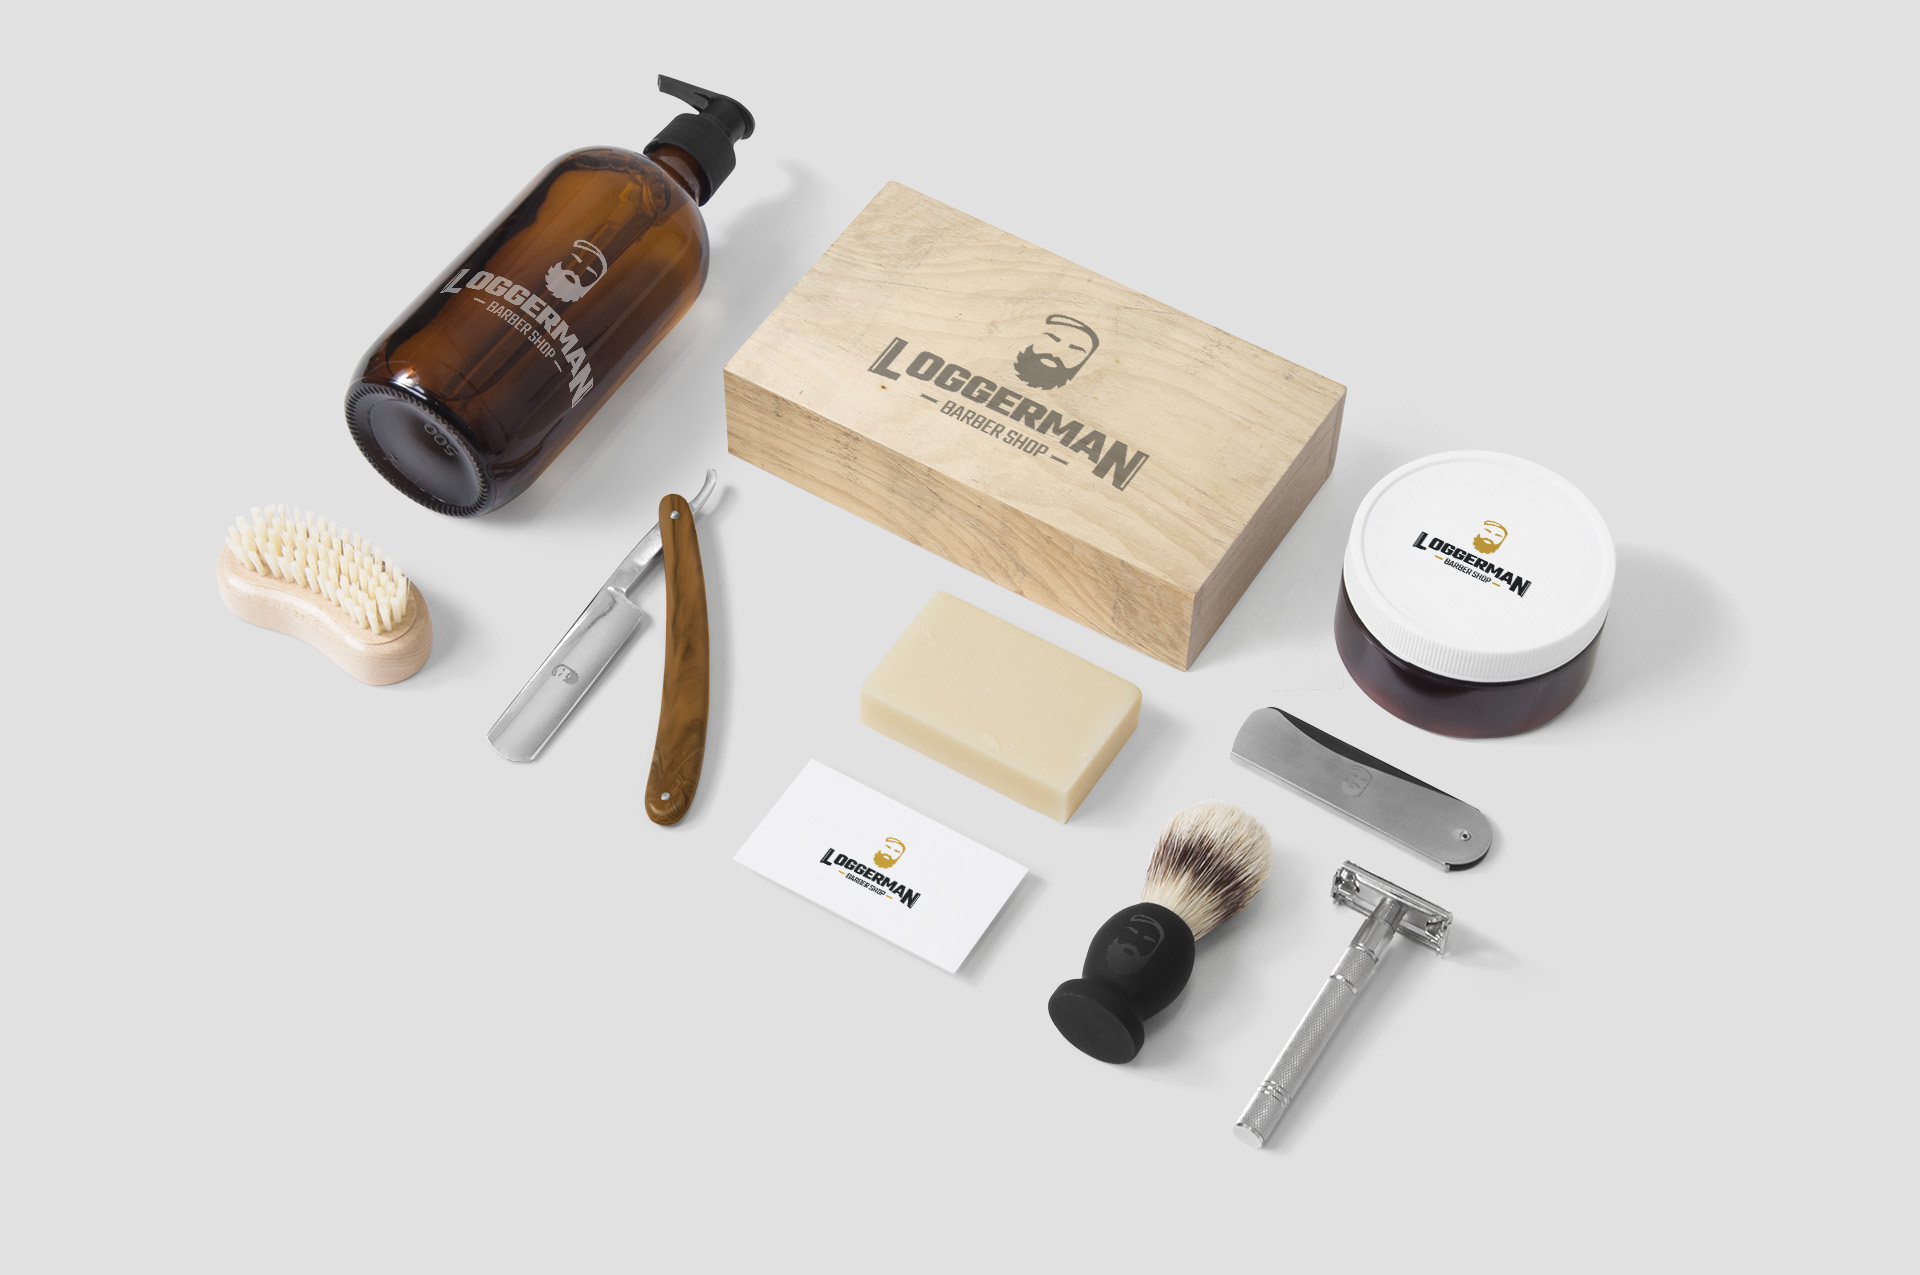 loggerman-barber-shop-logo-seven-design-mockup-1